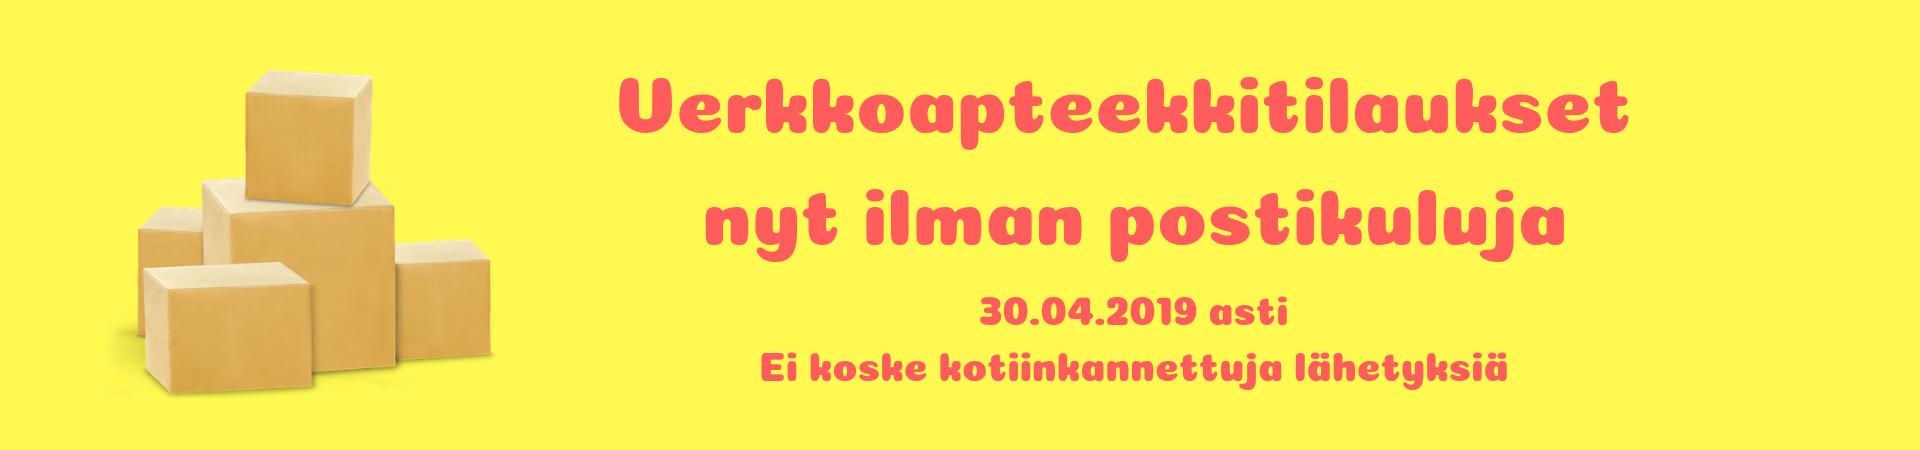 Verkkoapteekki ilmainen toimitus huhtikuun 2019 ajan, 30.04.2019 asti